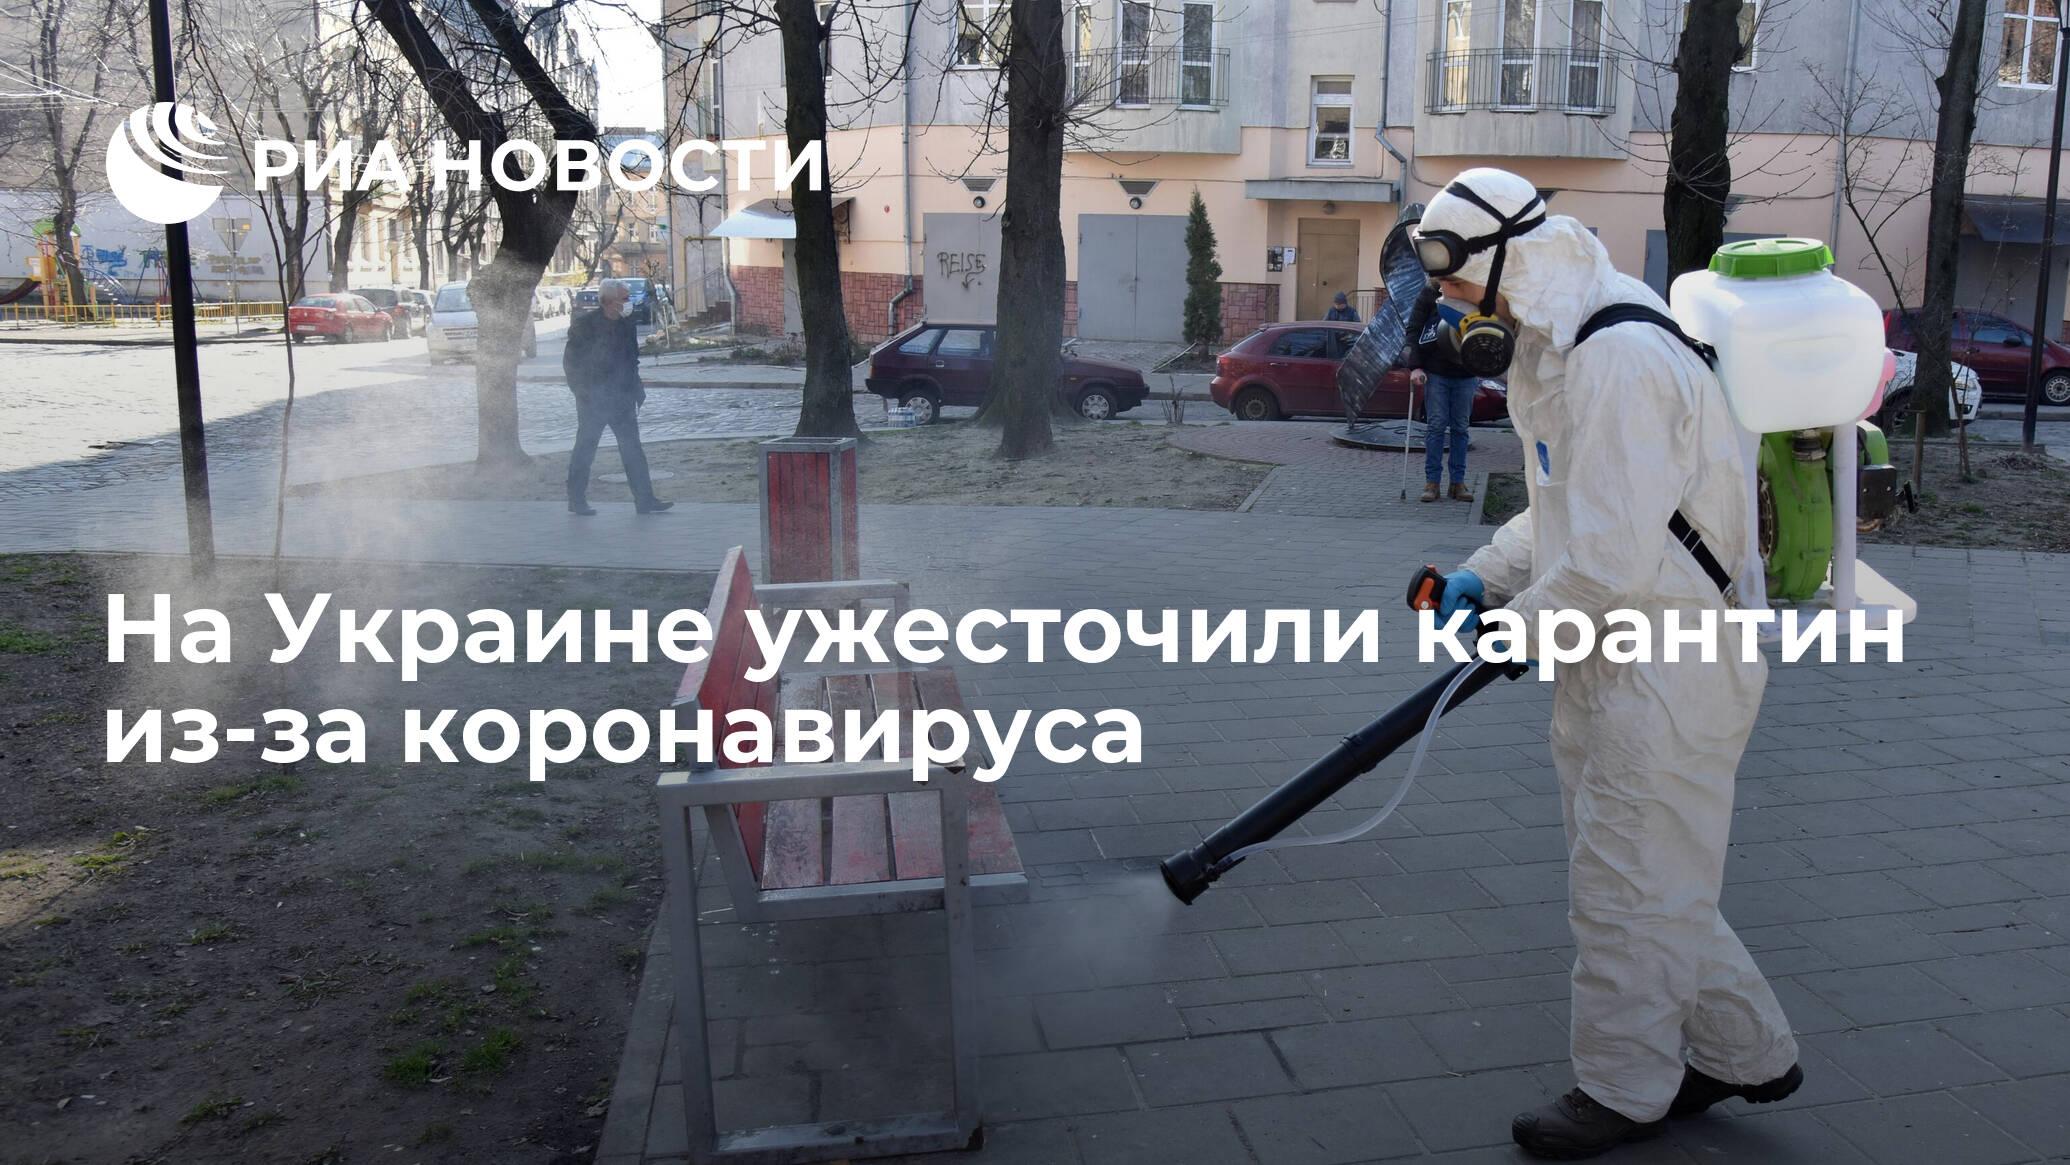 На Украине ужесточили карантин из-за коронавируса